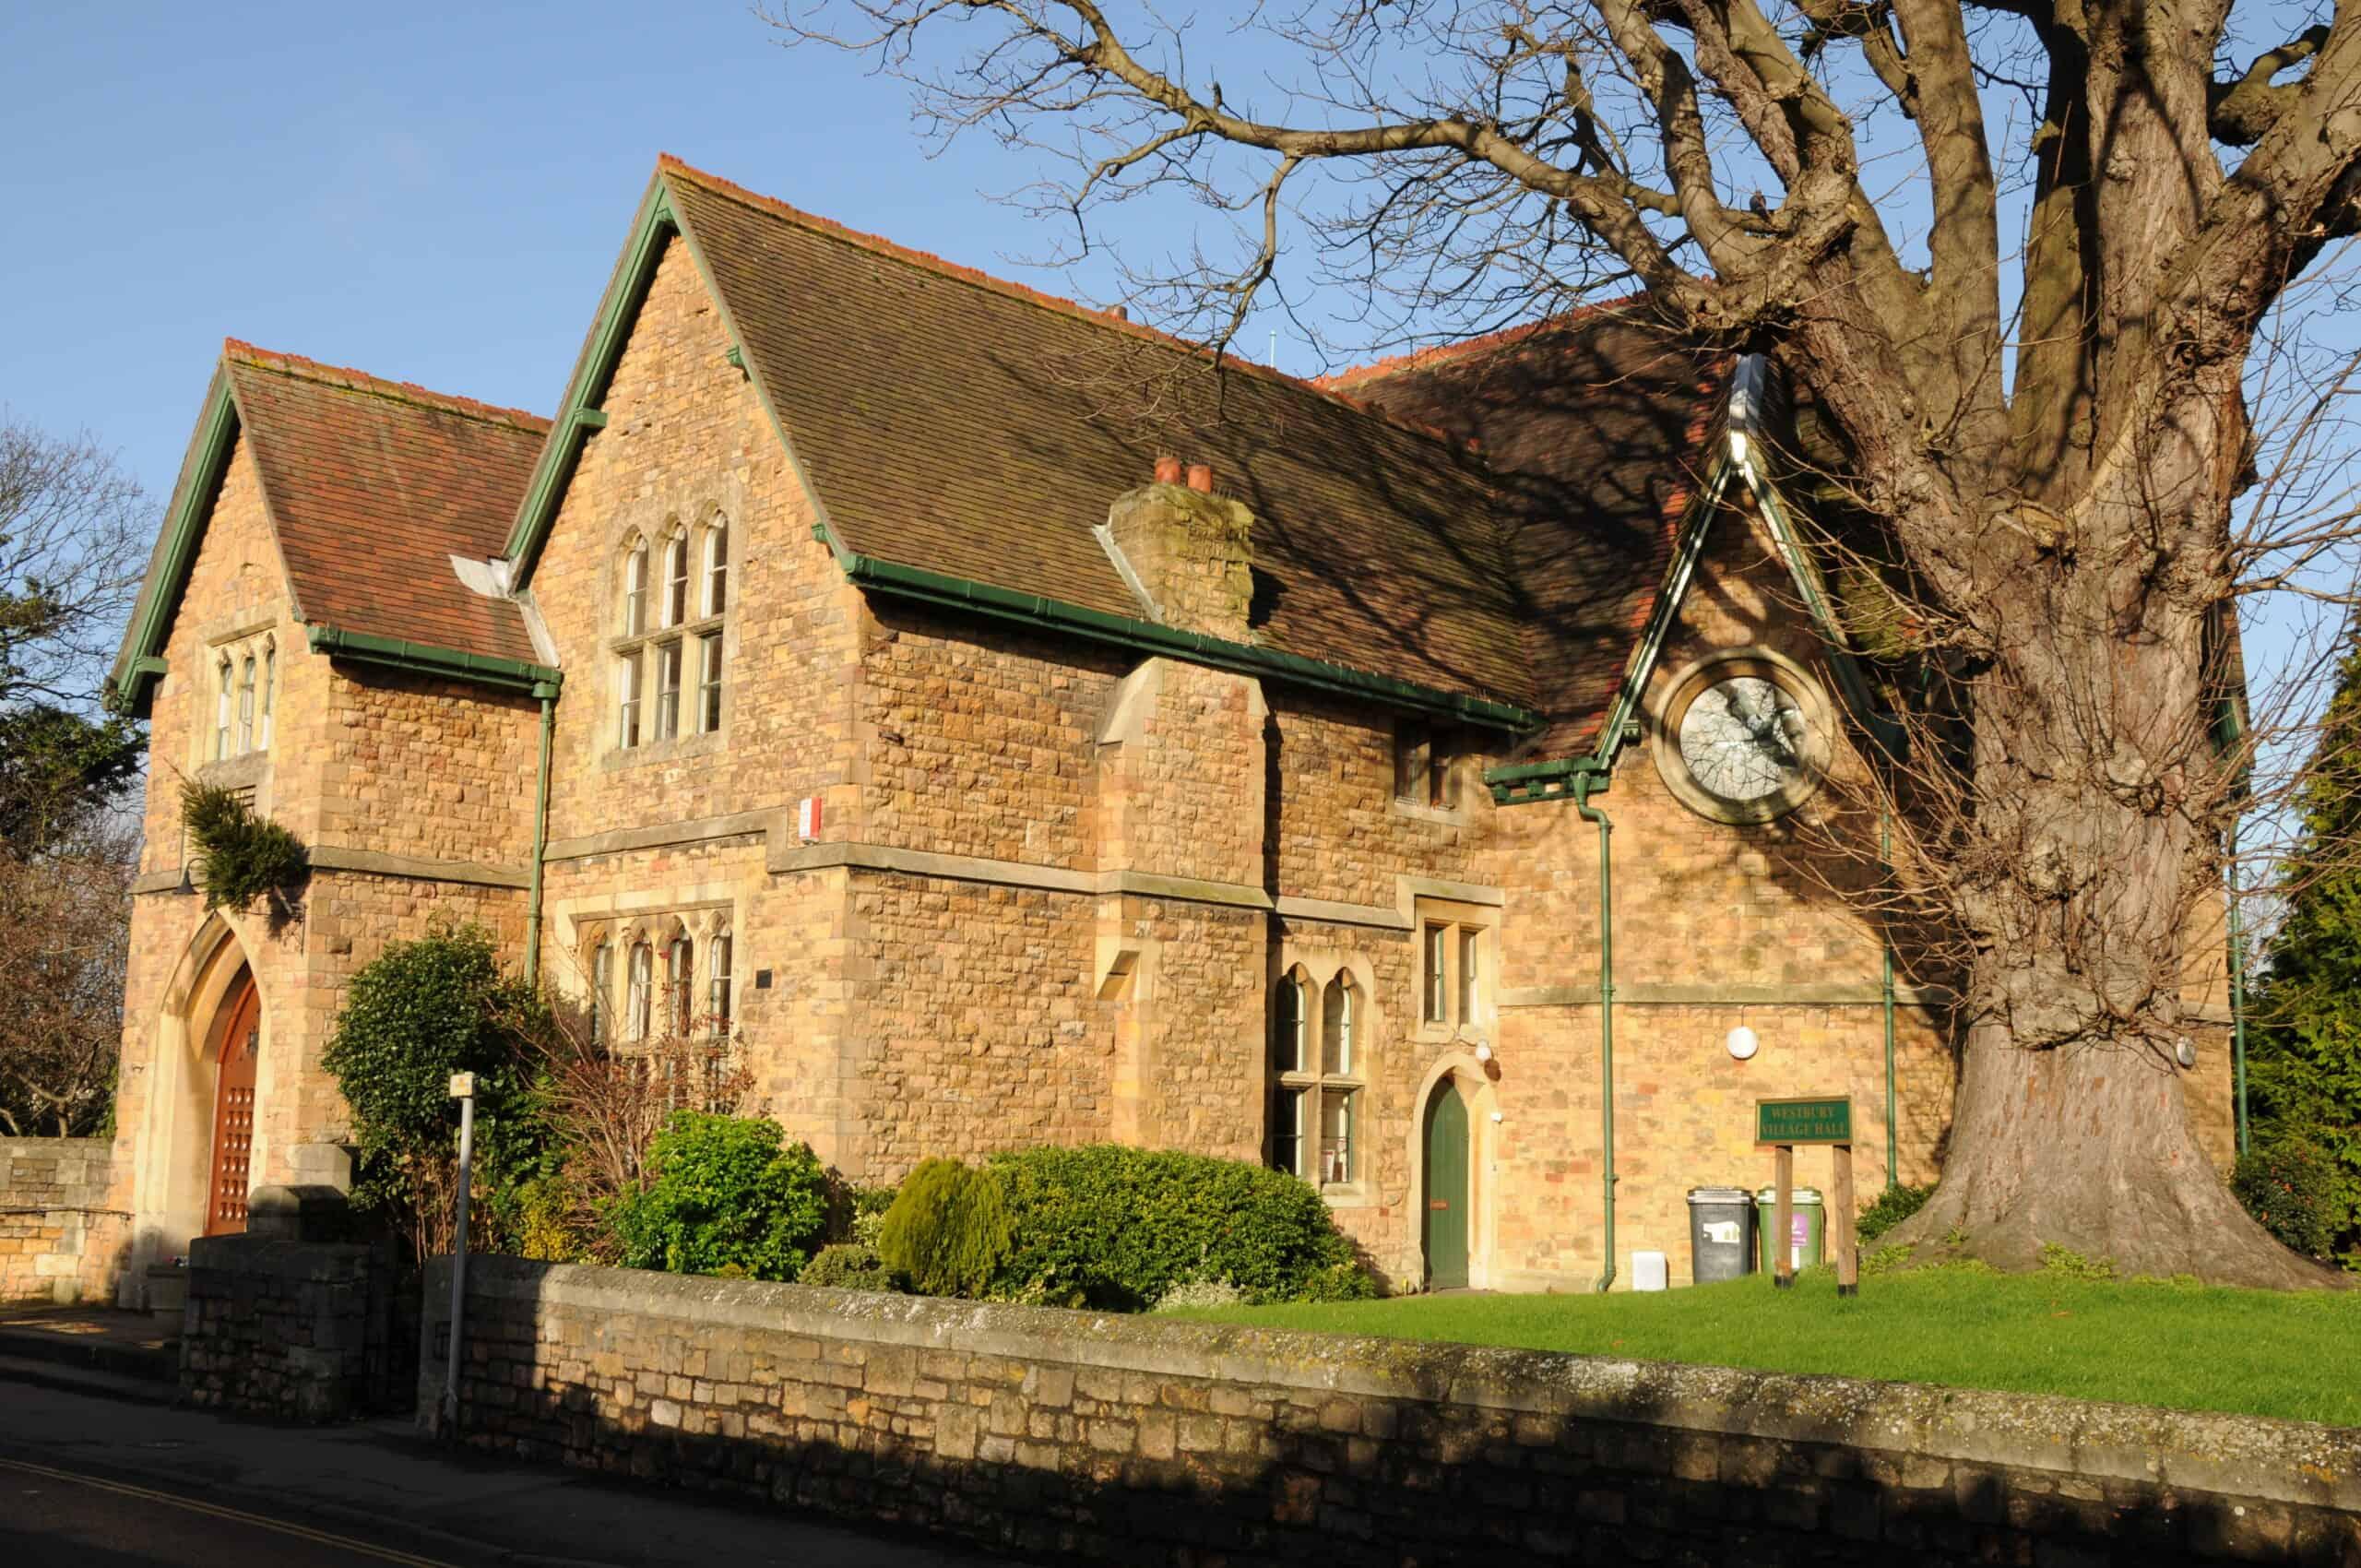 Westbury on Trym Village Hall